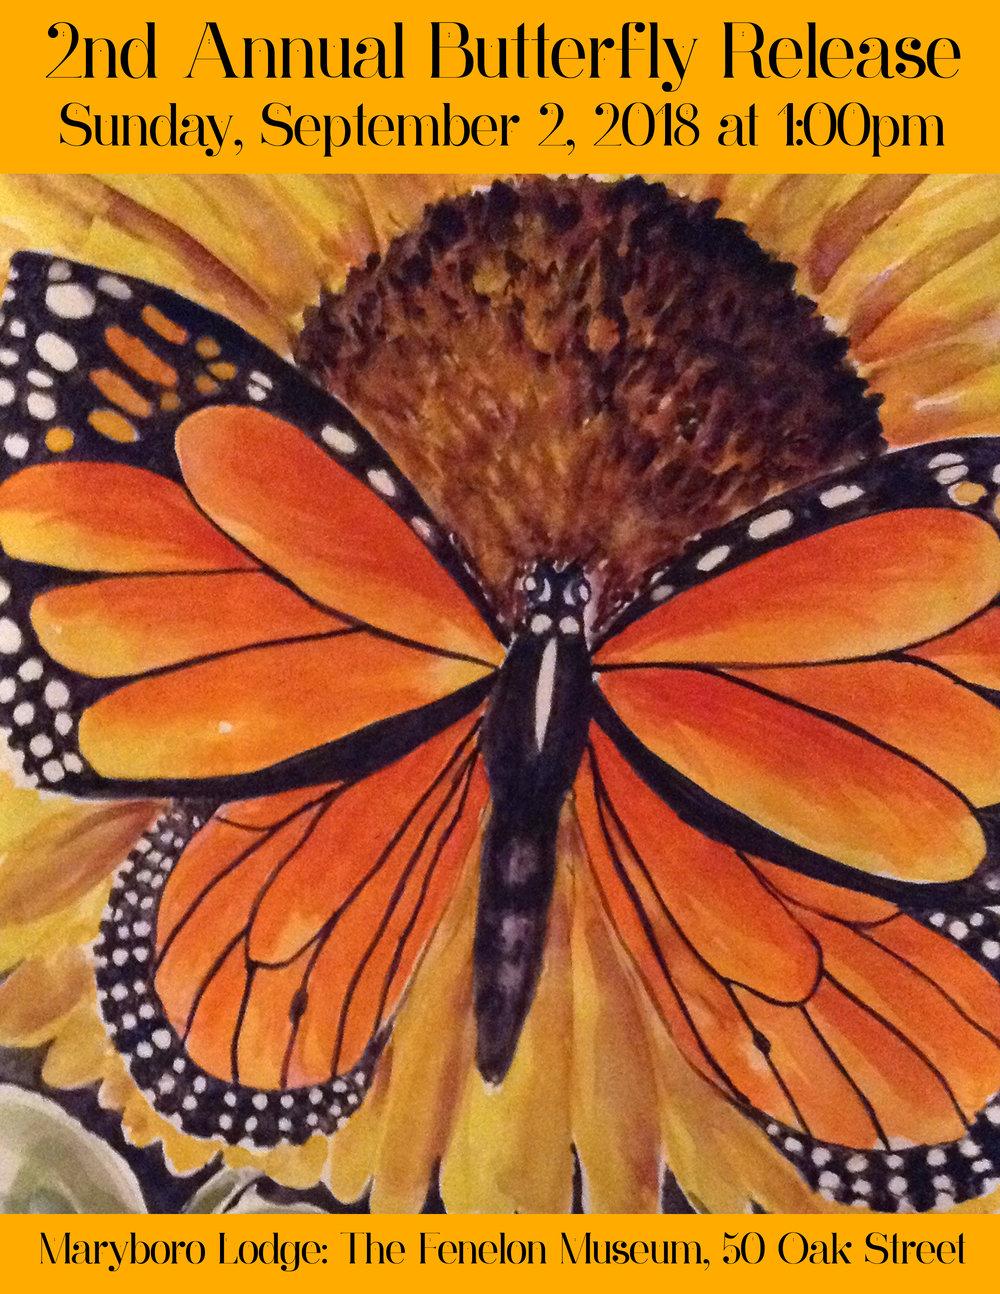 Butterfly Release Poster3.jpg